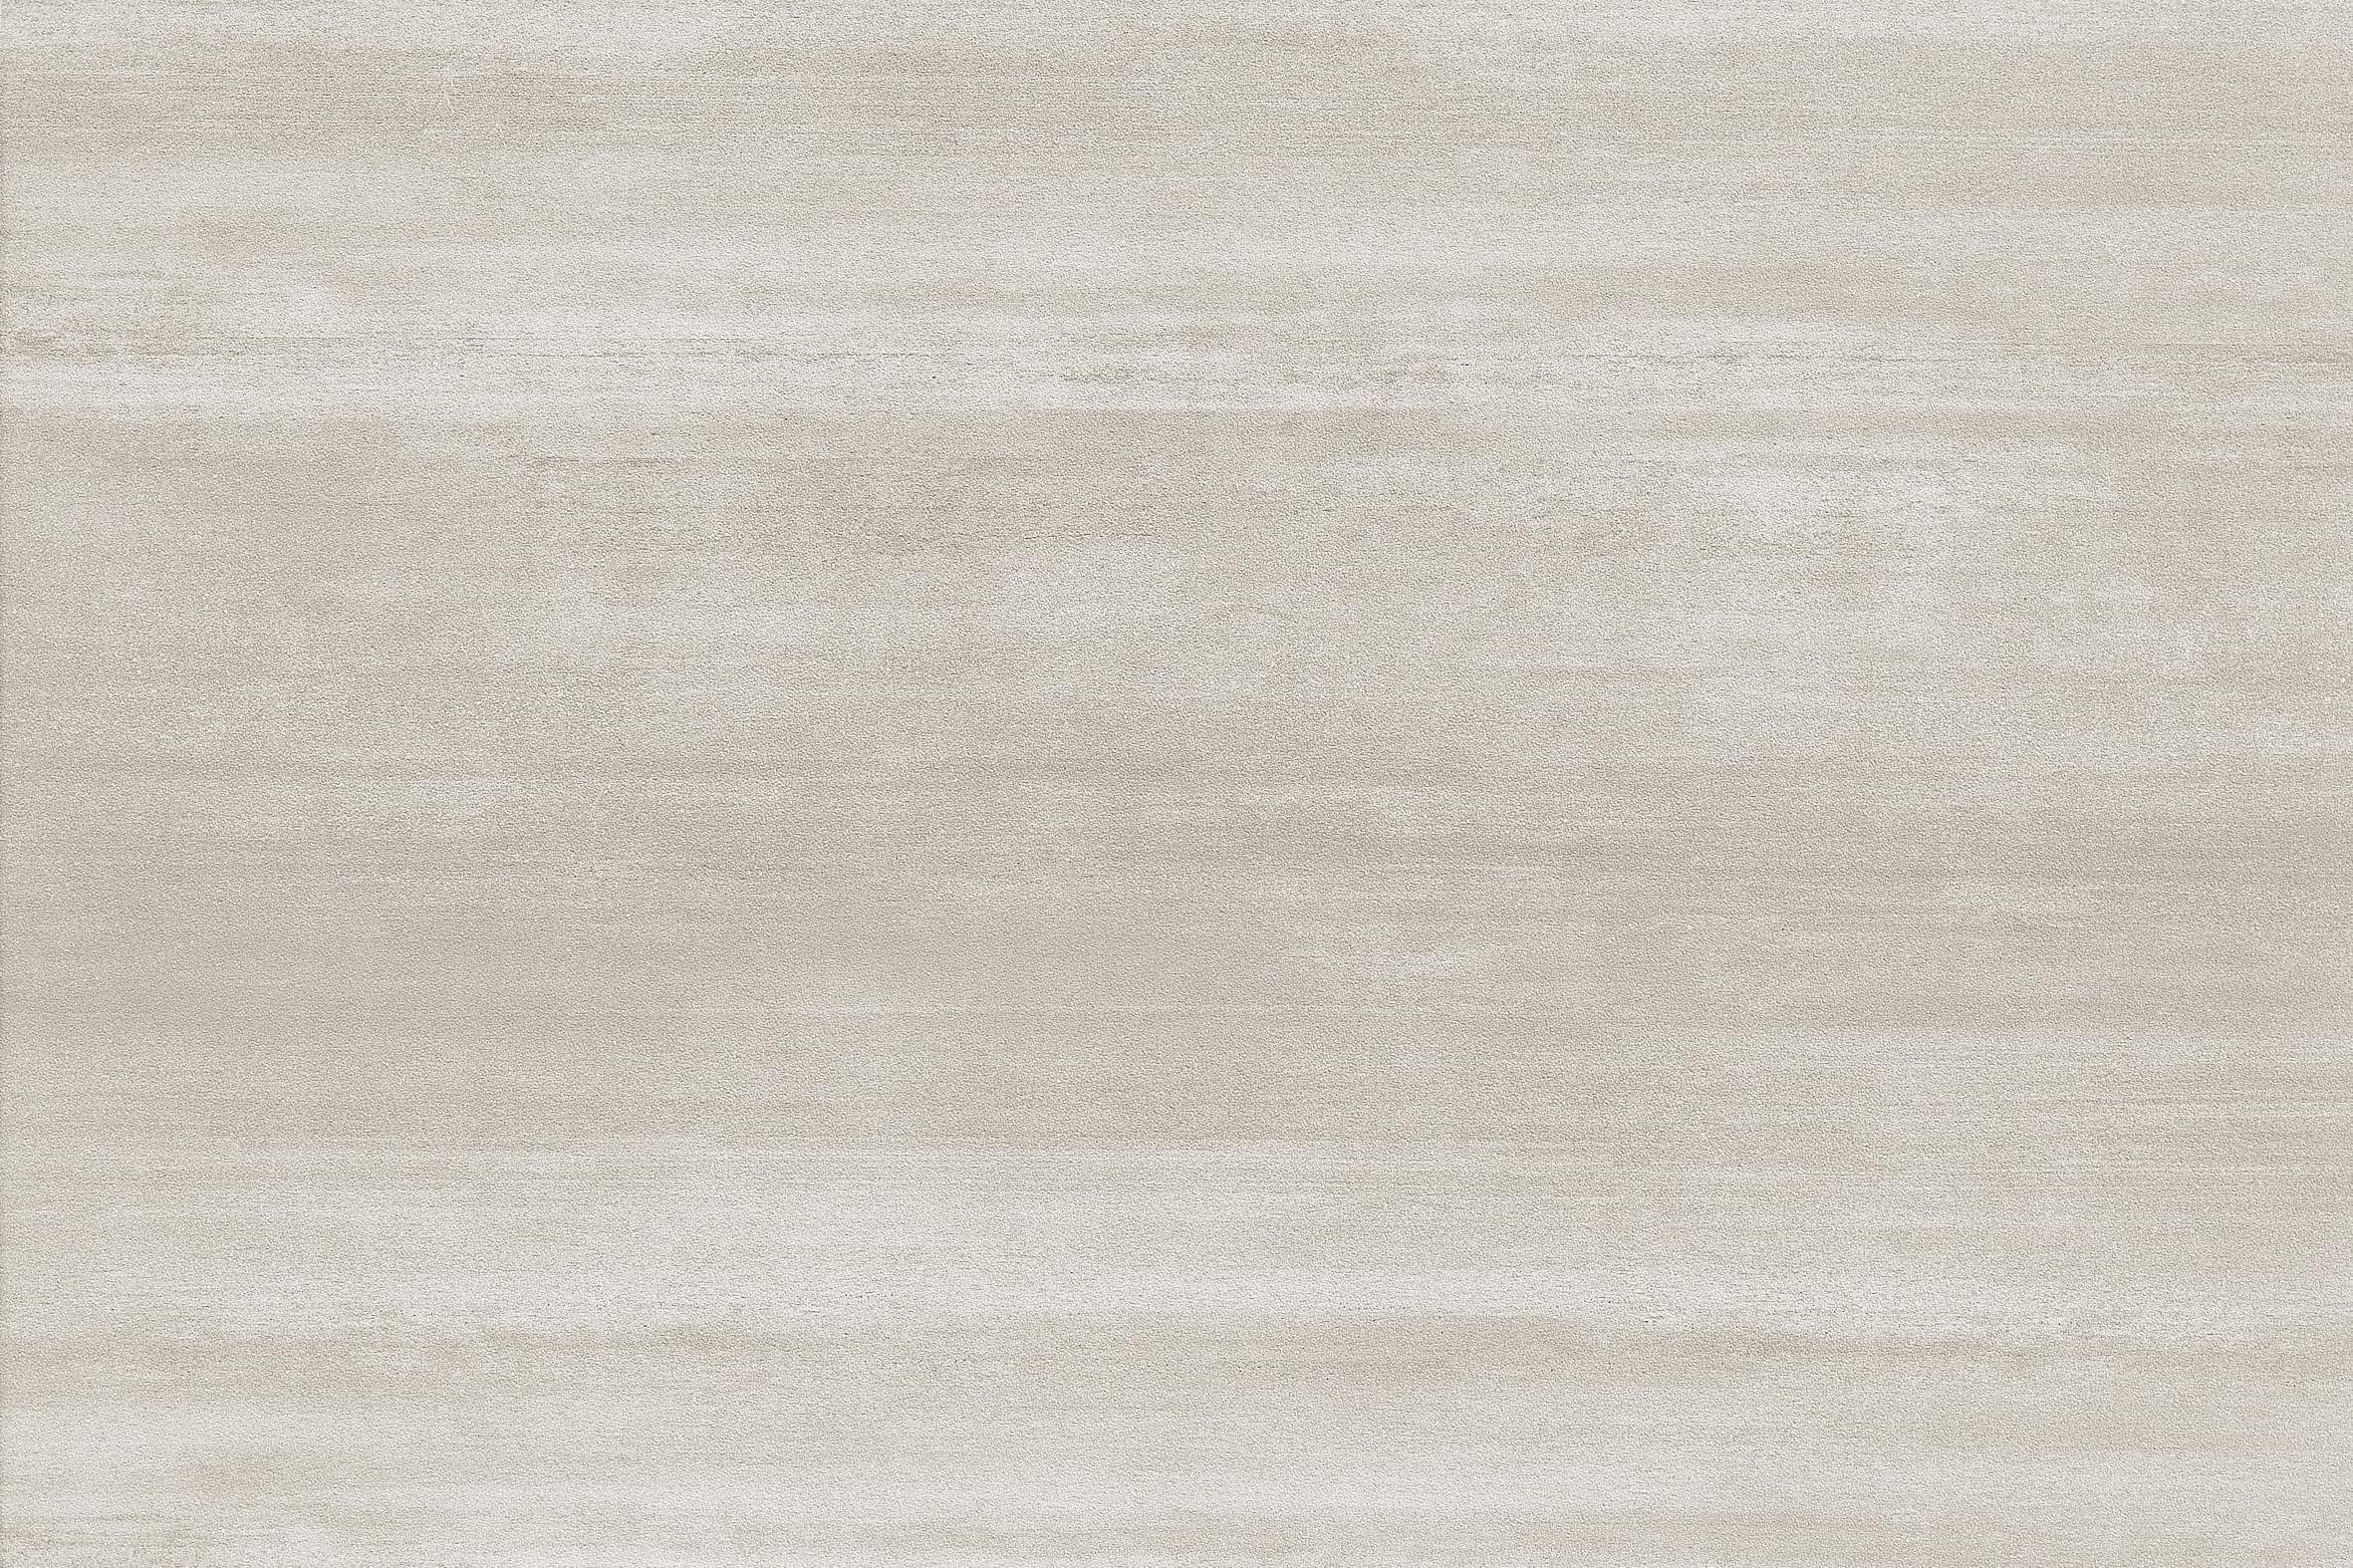 法国金属灰 / CGB6923-K / 600x900mm